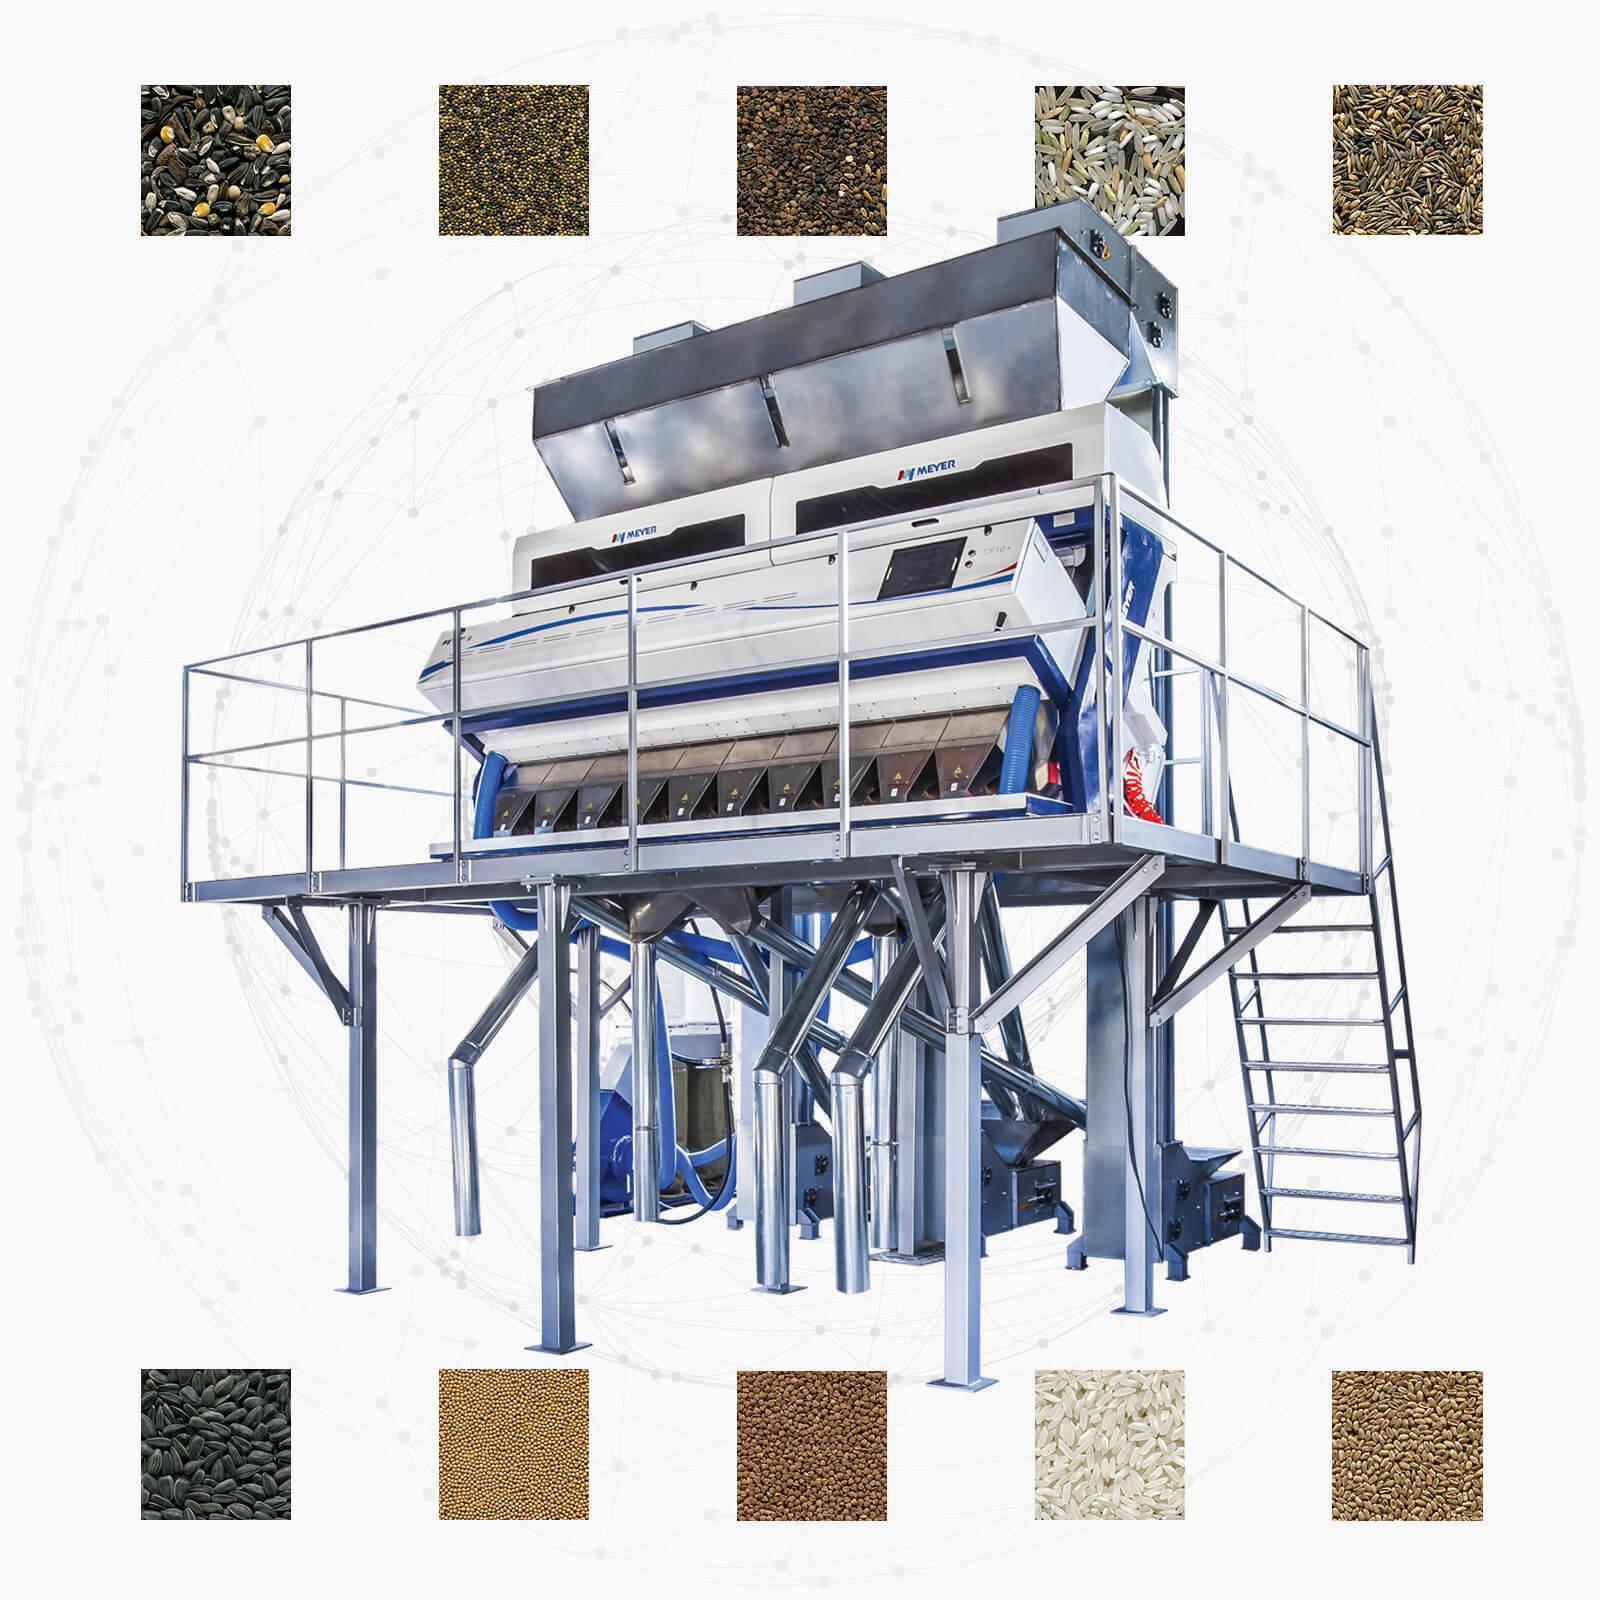 Фотосортировочное оборудование для очистки зерновых